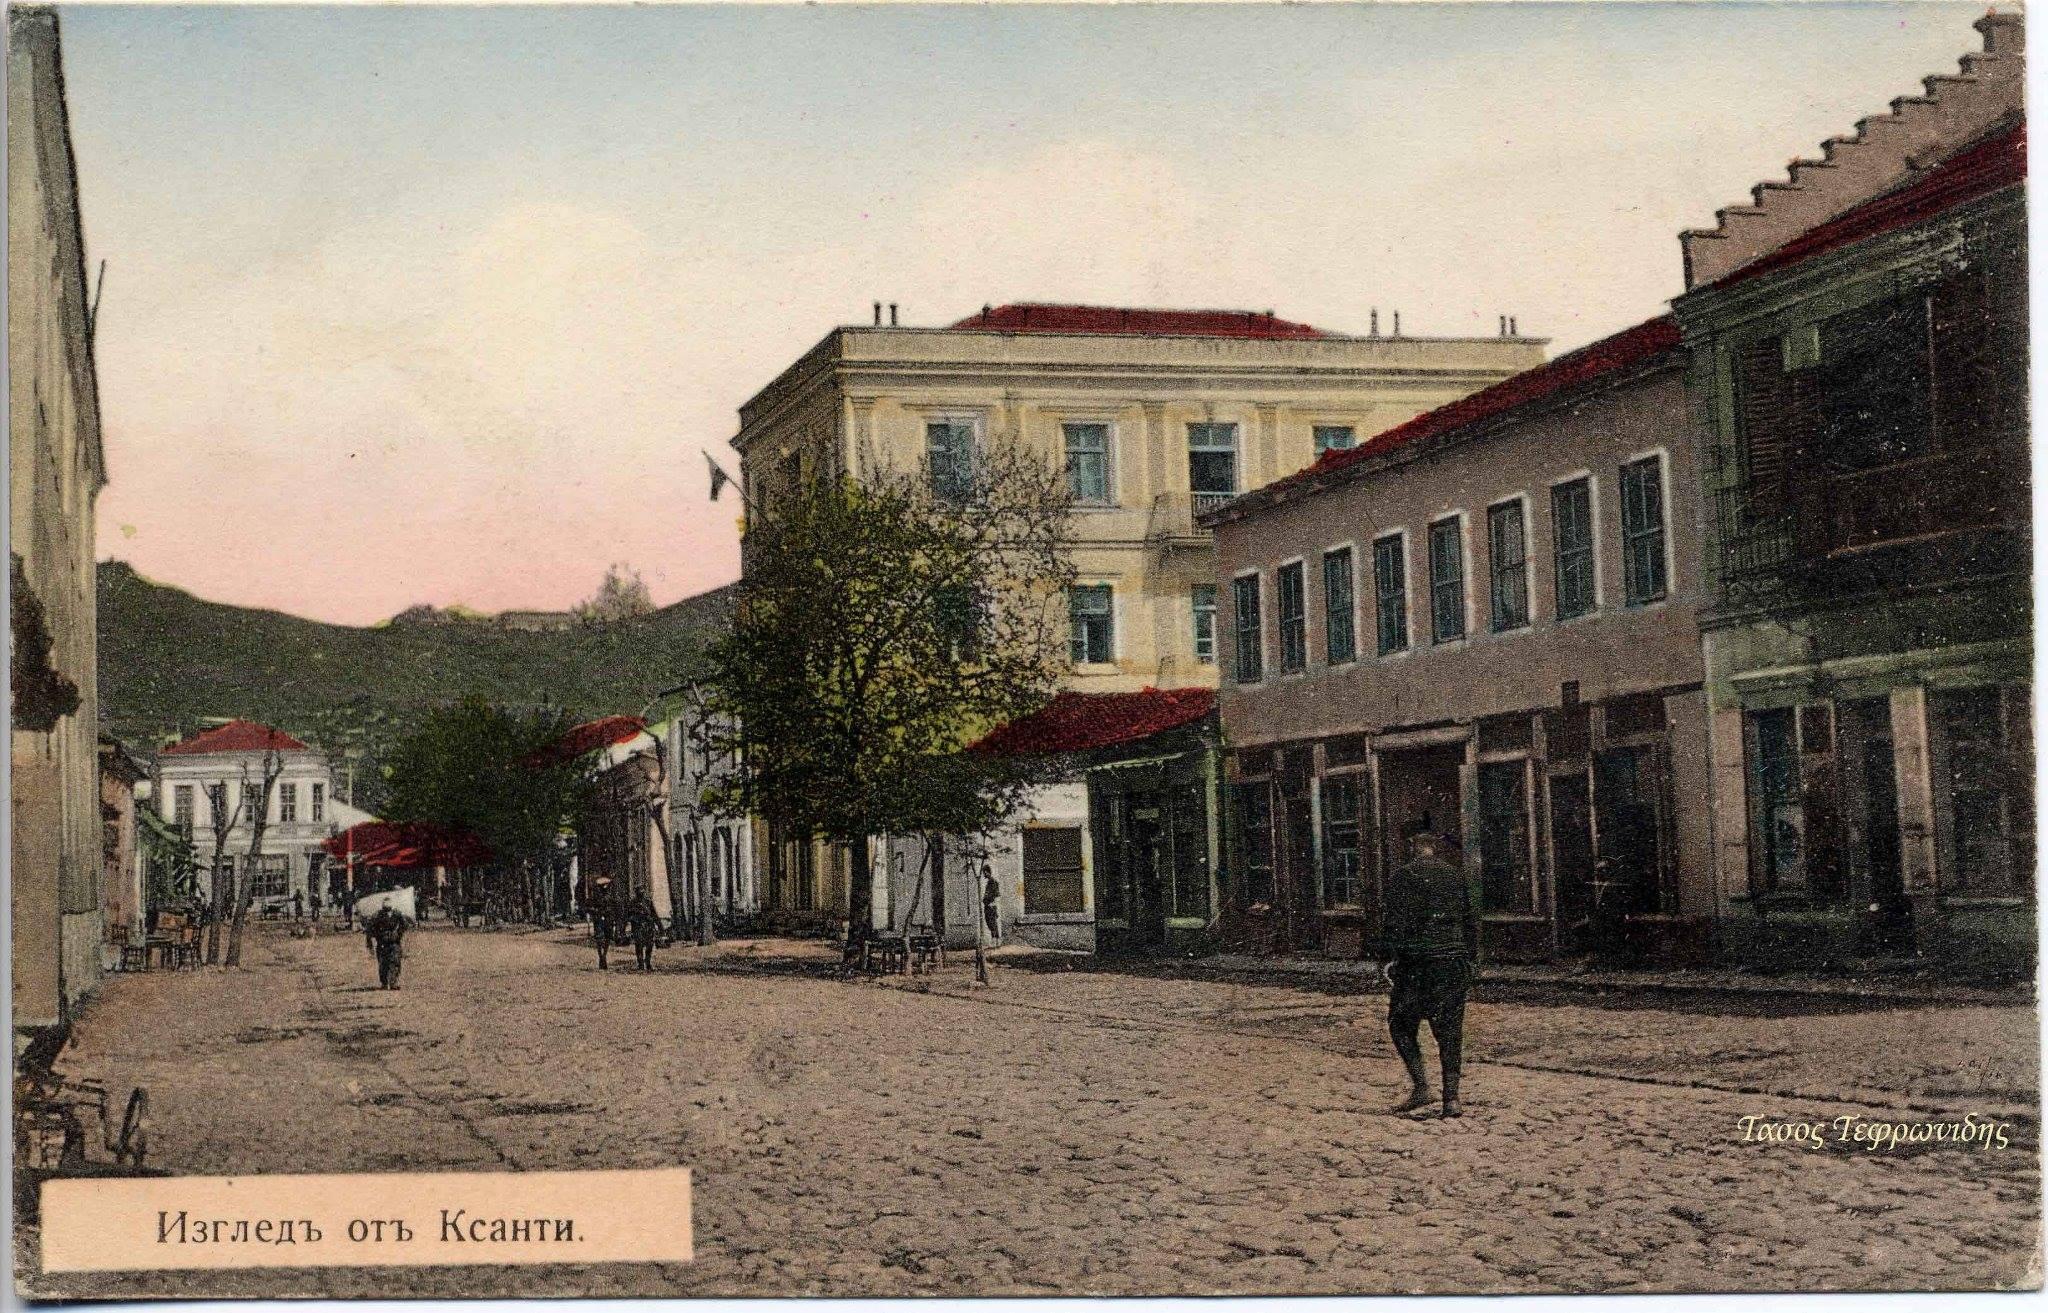 Η οδός Καραολή φωτογραφημένη από τη σημερινή συμβολή με την οδό Σμύρνης